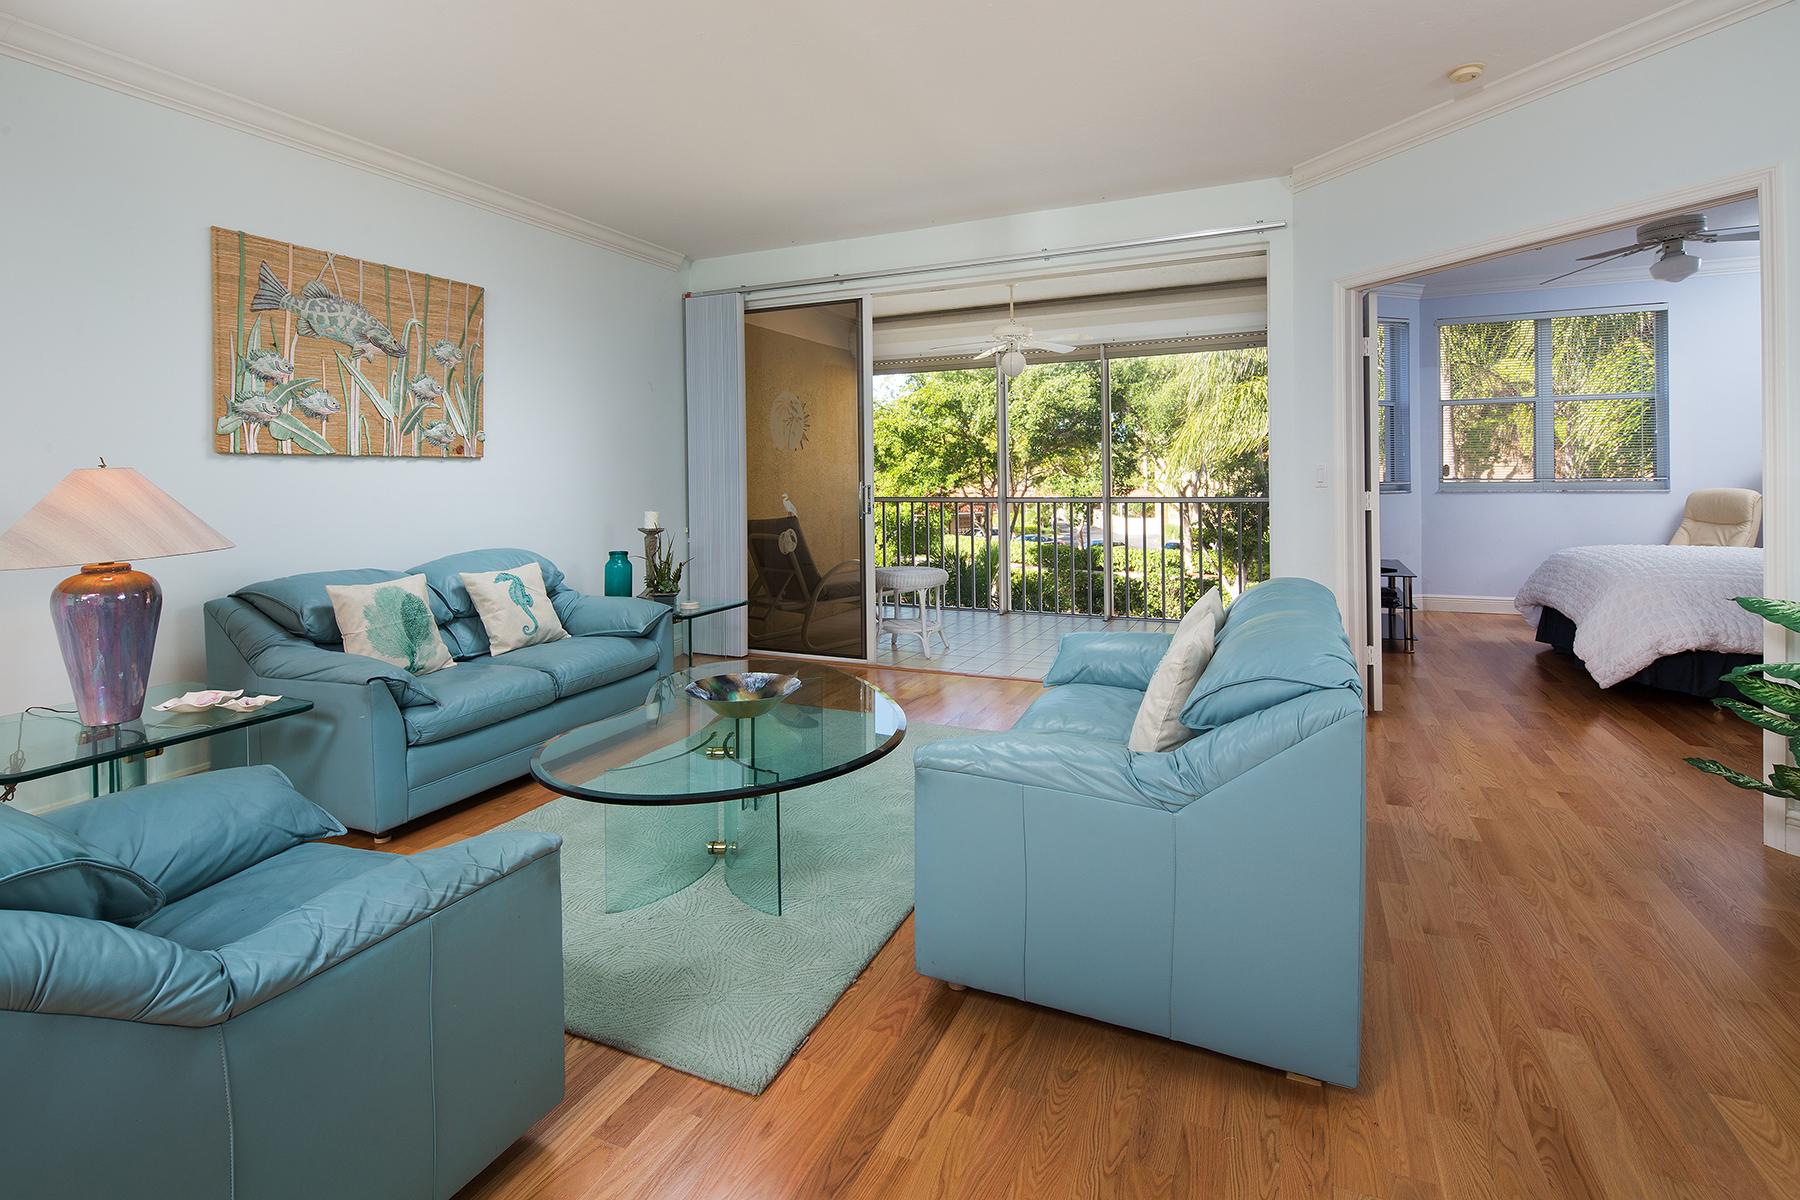 sales property at 6537 Marissa Loop , Naples, FL 34108